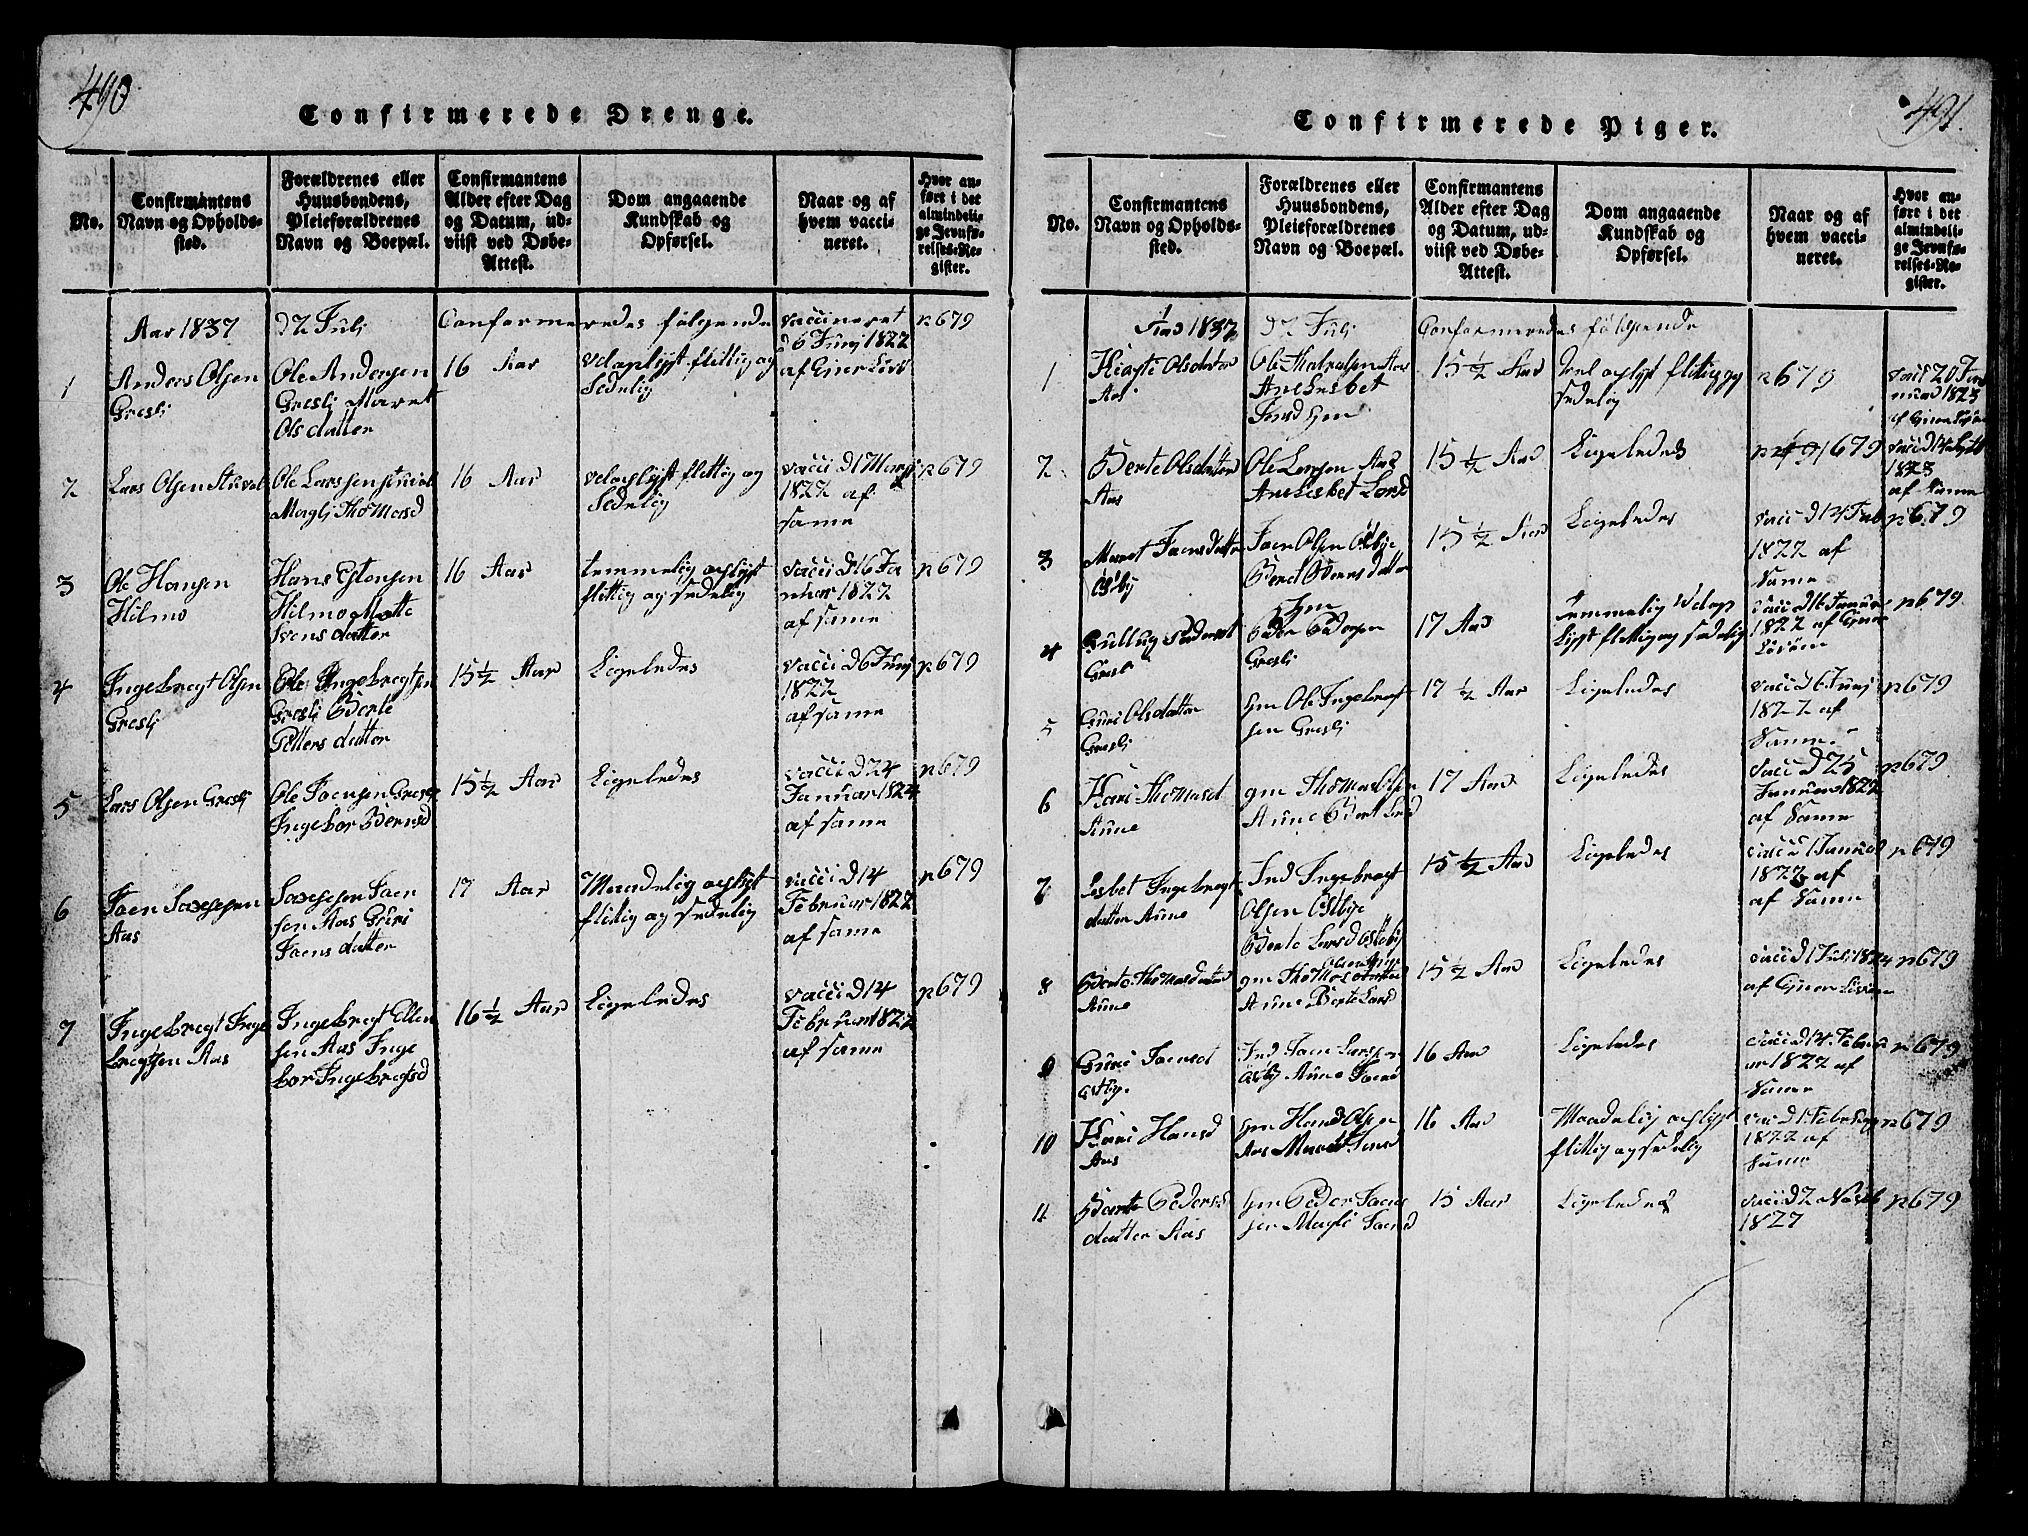 SAT, Ministerialprotokoller, klokkerbøker og fødselsregistre - Sør-Trøndelag, 698/L1164: Klokkerbok nr. 698C01, 1816-1861, s. 490-491